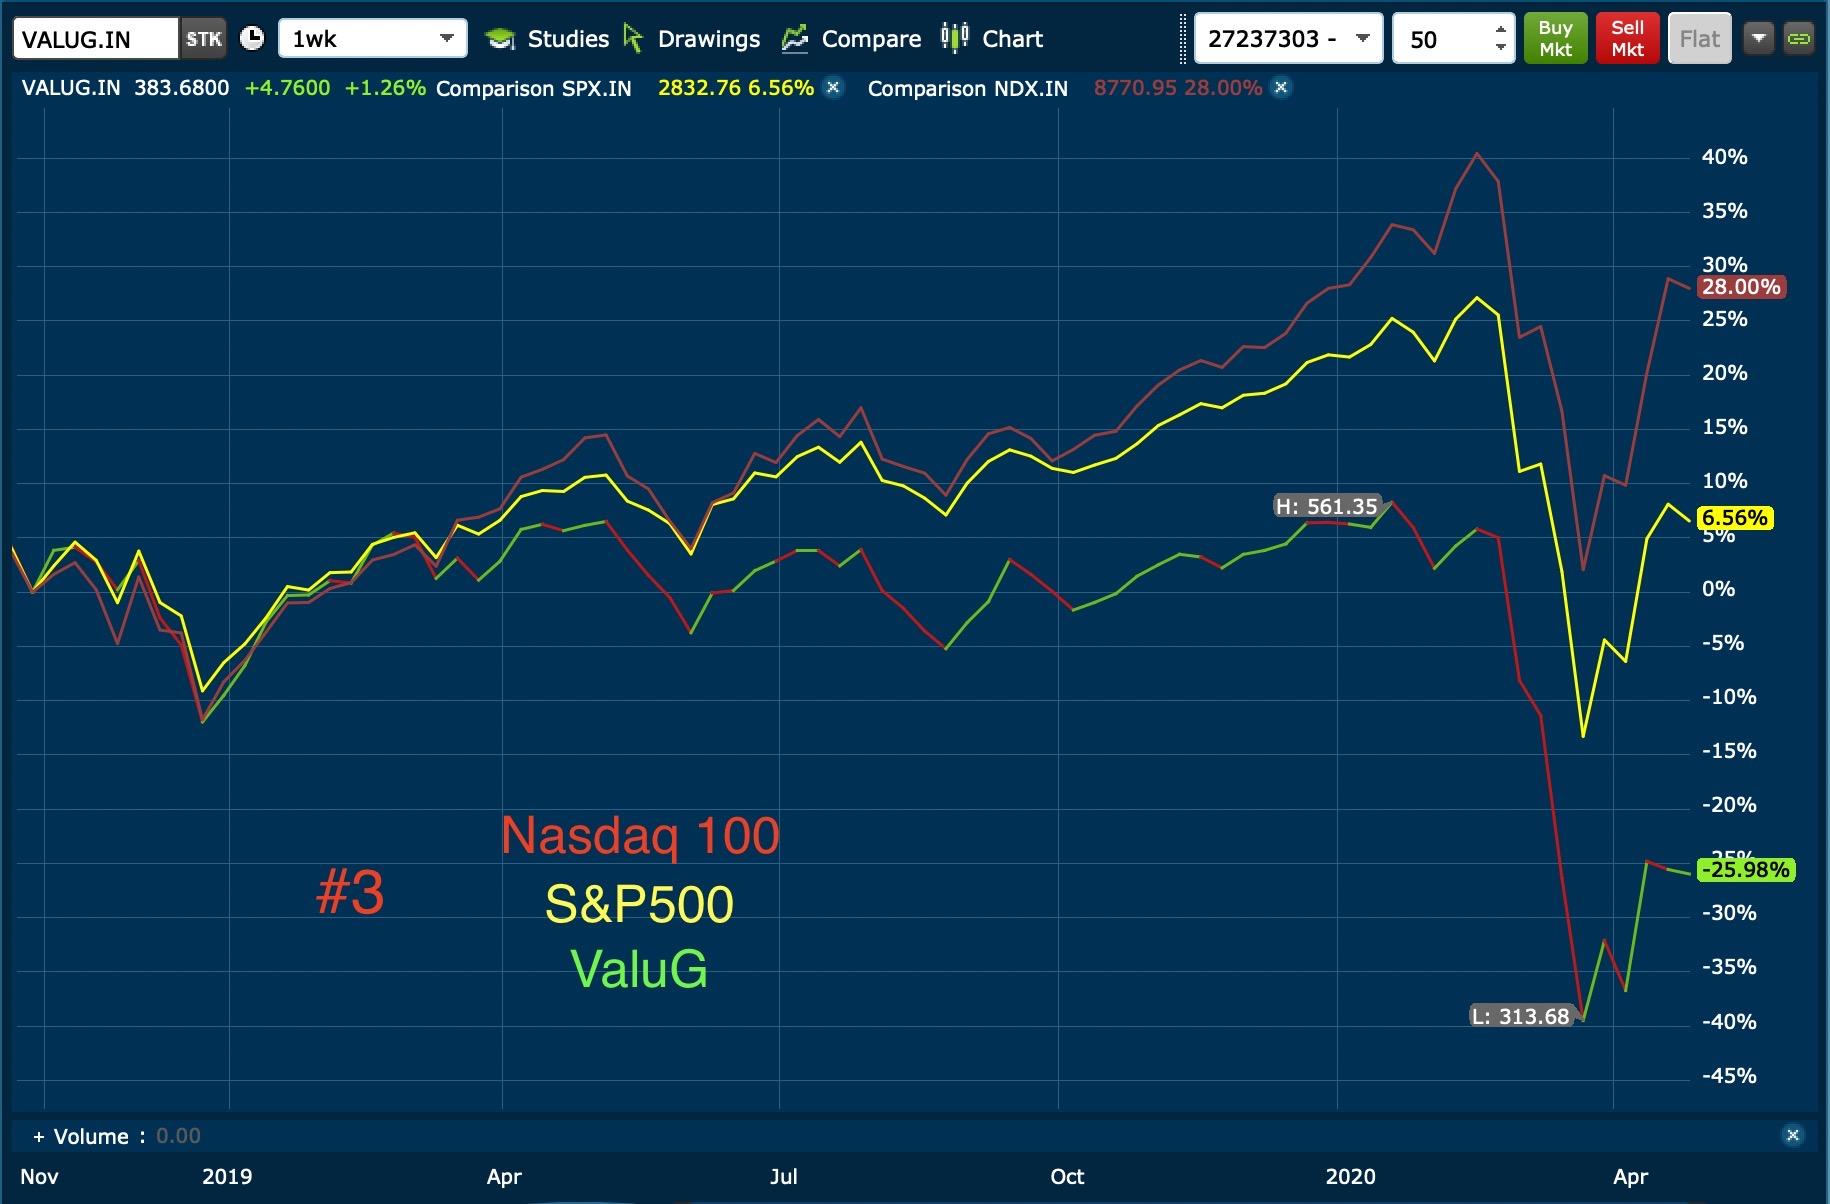 #3 Nasdaq 1000 S&P500 ValuG 24:04:2020